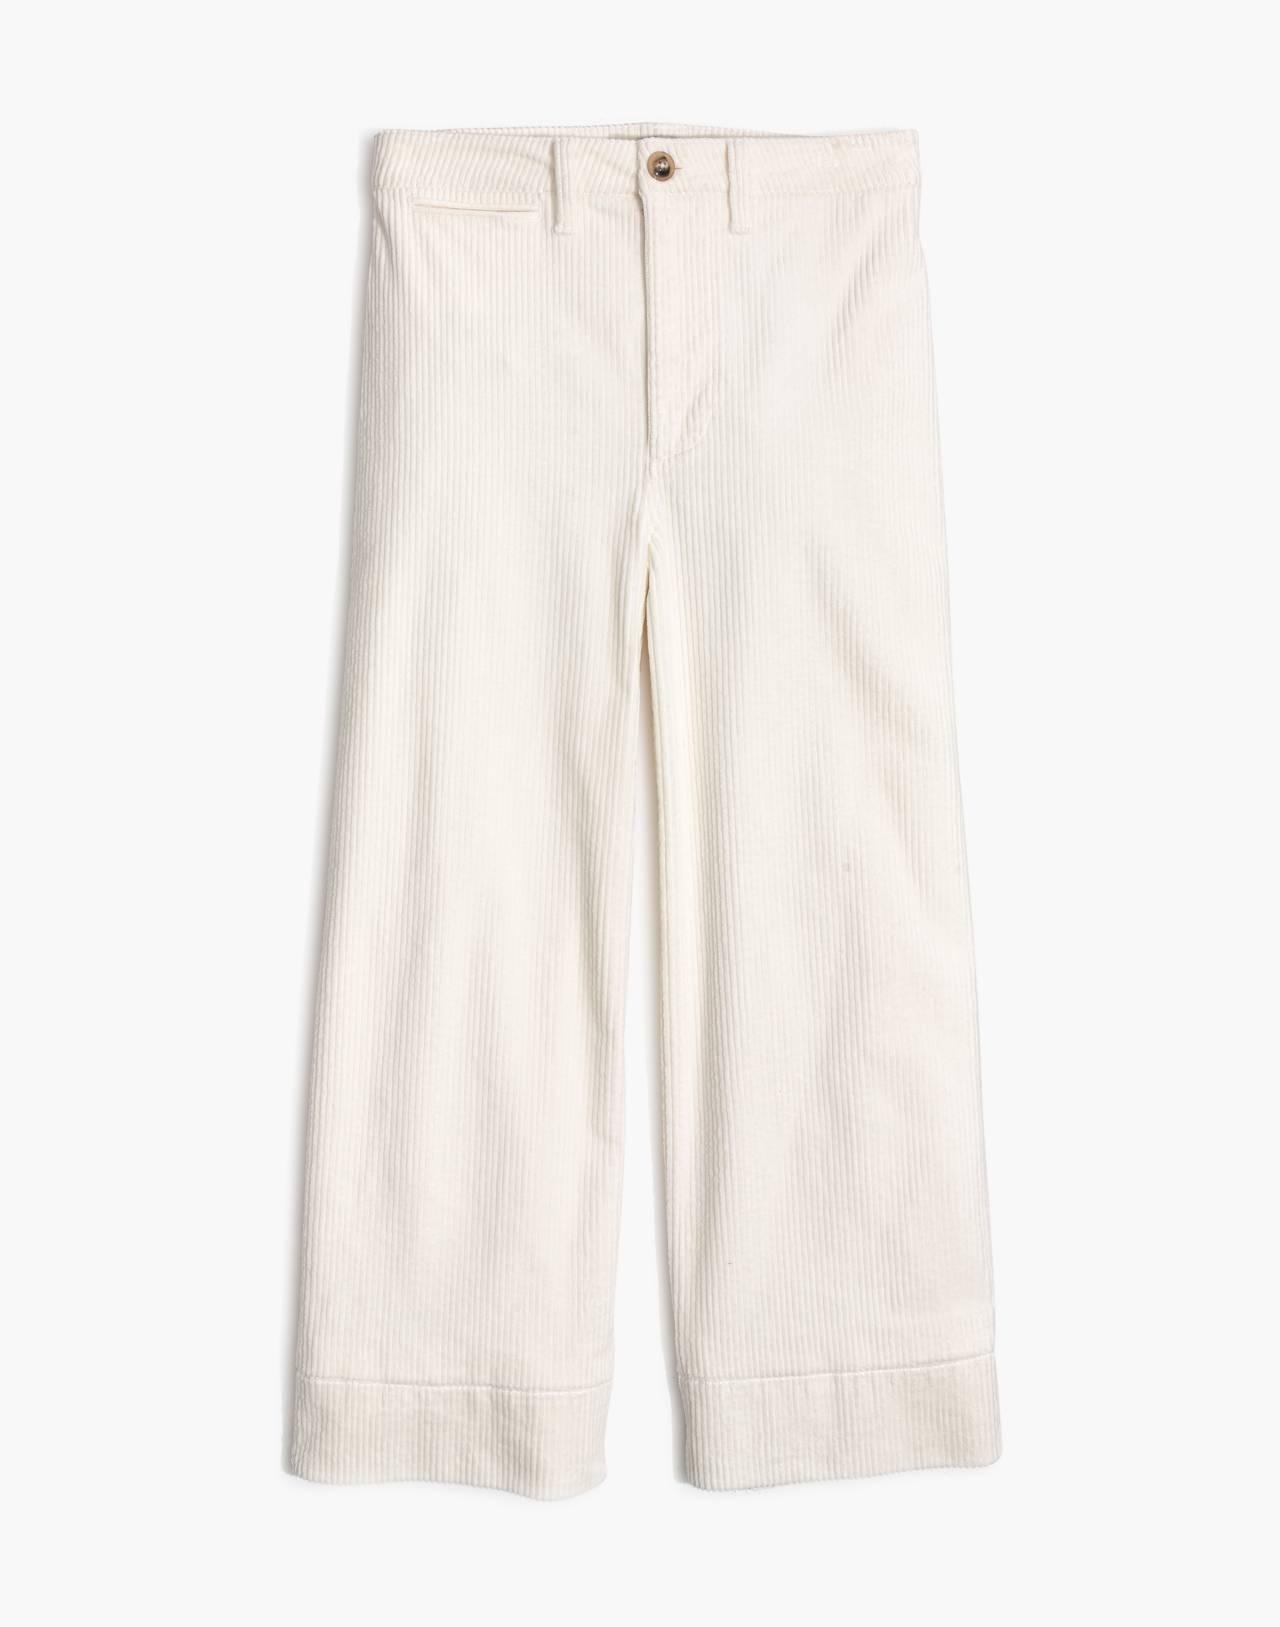 Petite Emmett Wide-Leg Crop Pants in Corduroy in bright ivory image 4